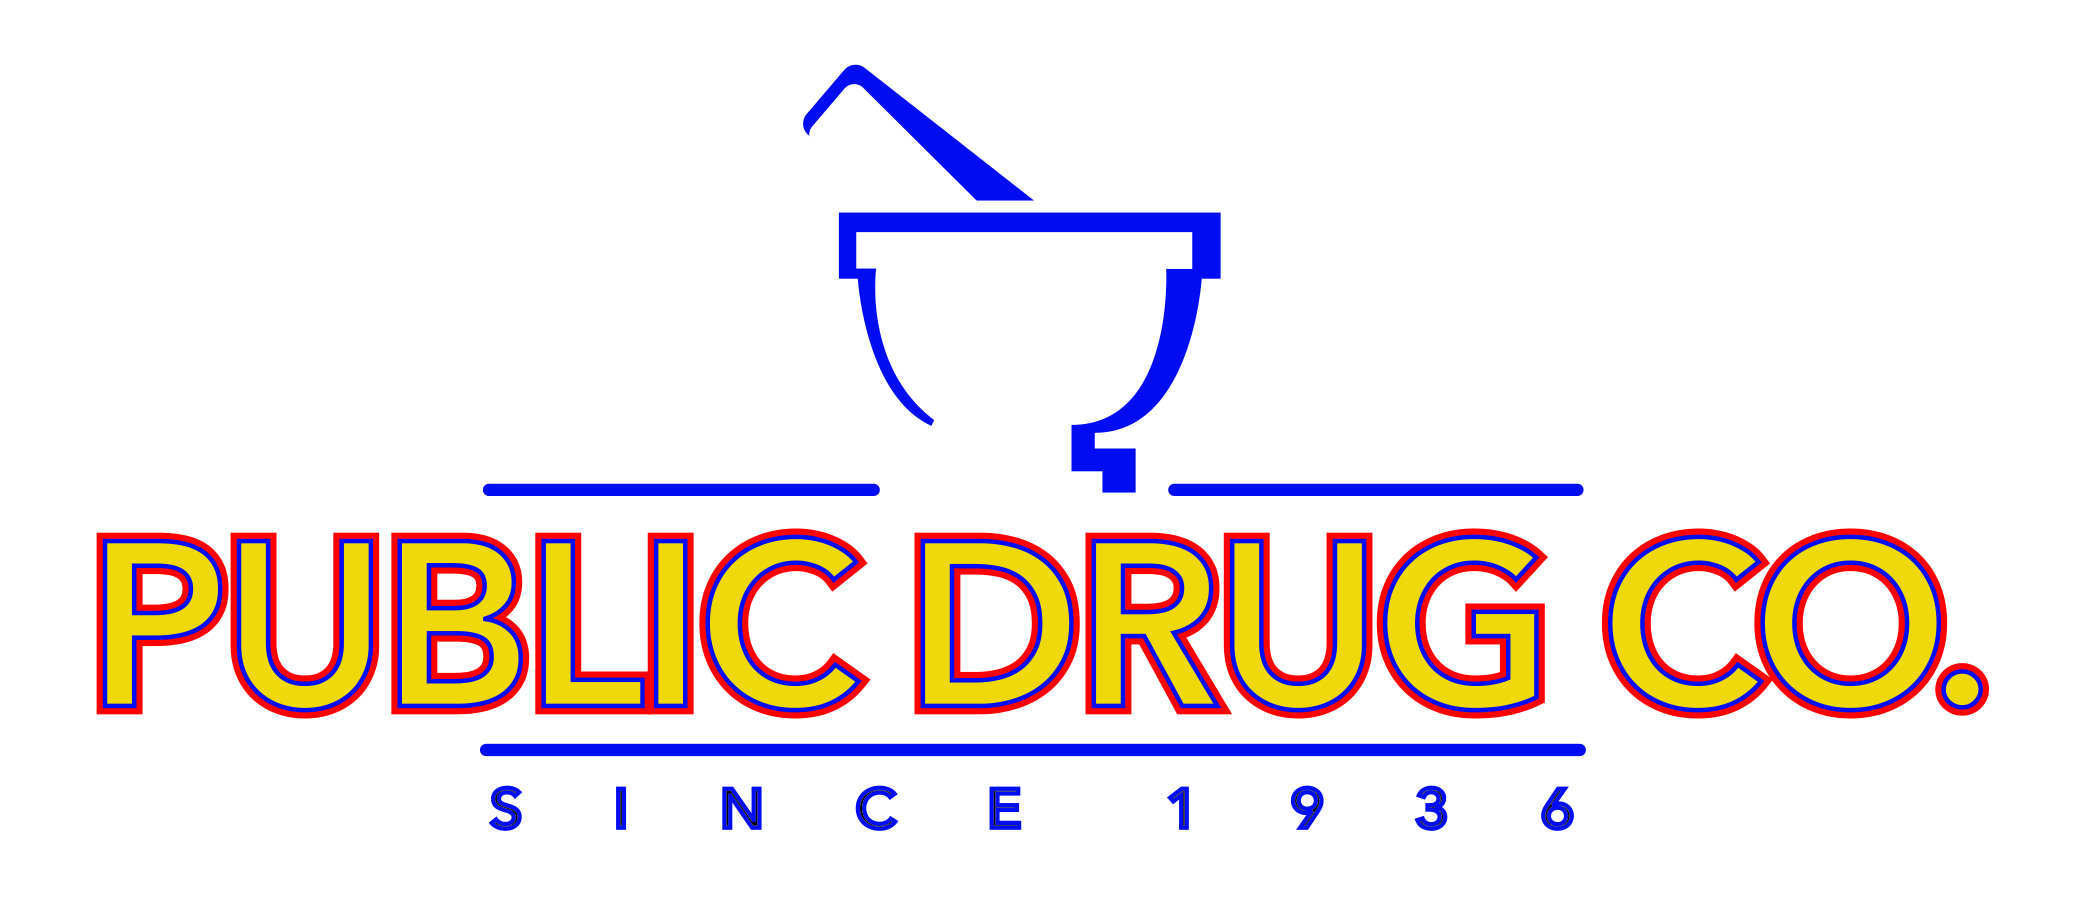 Public Drug Co